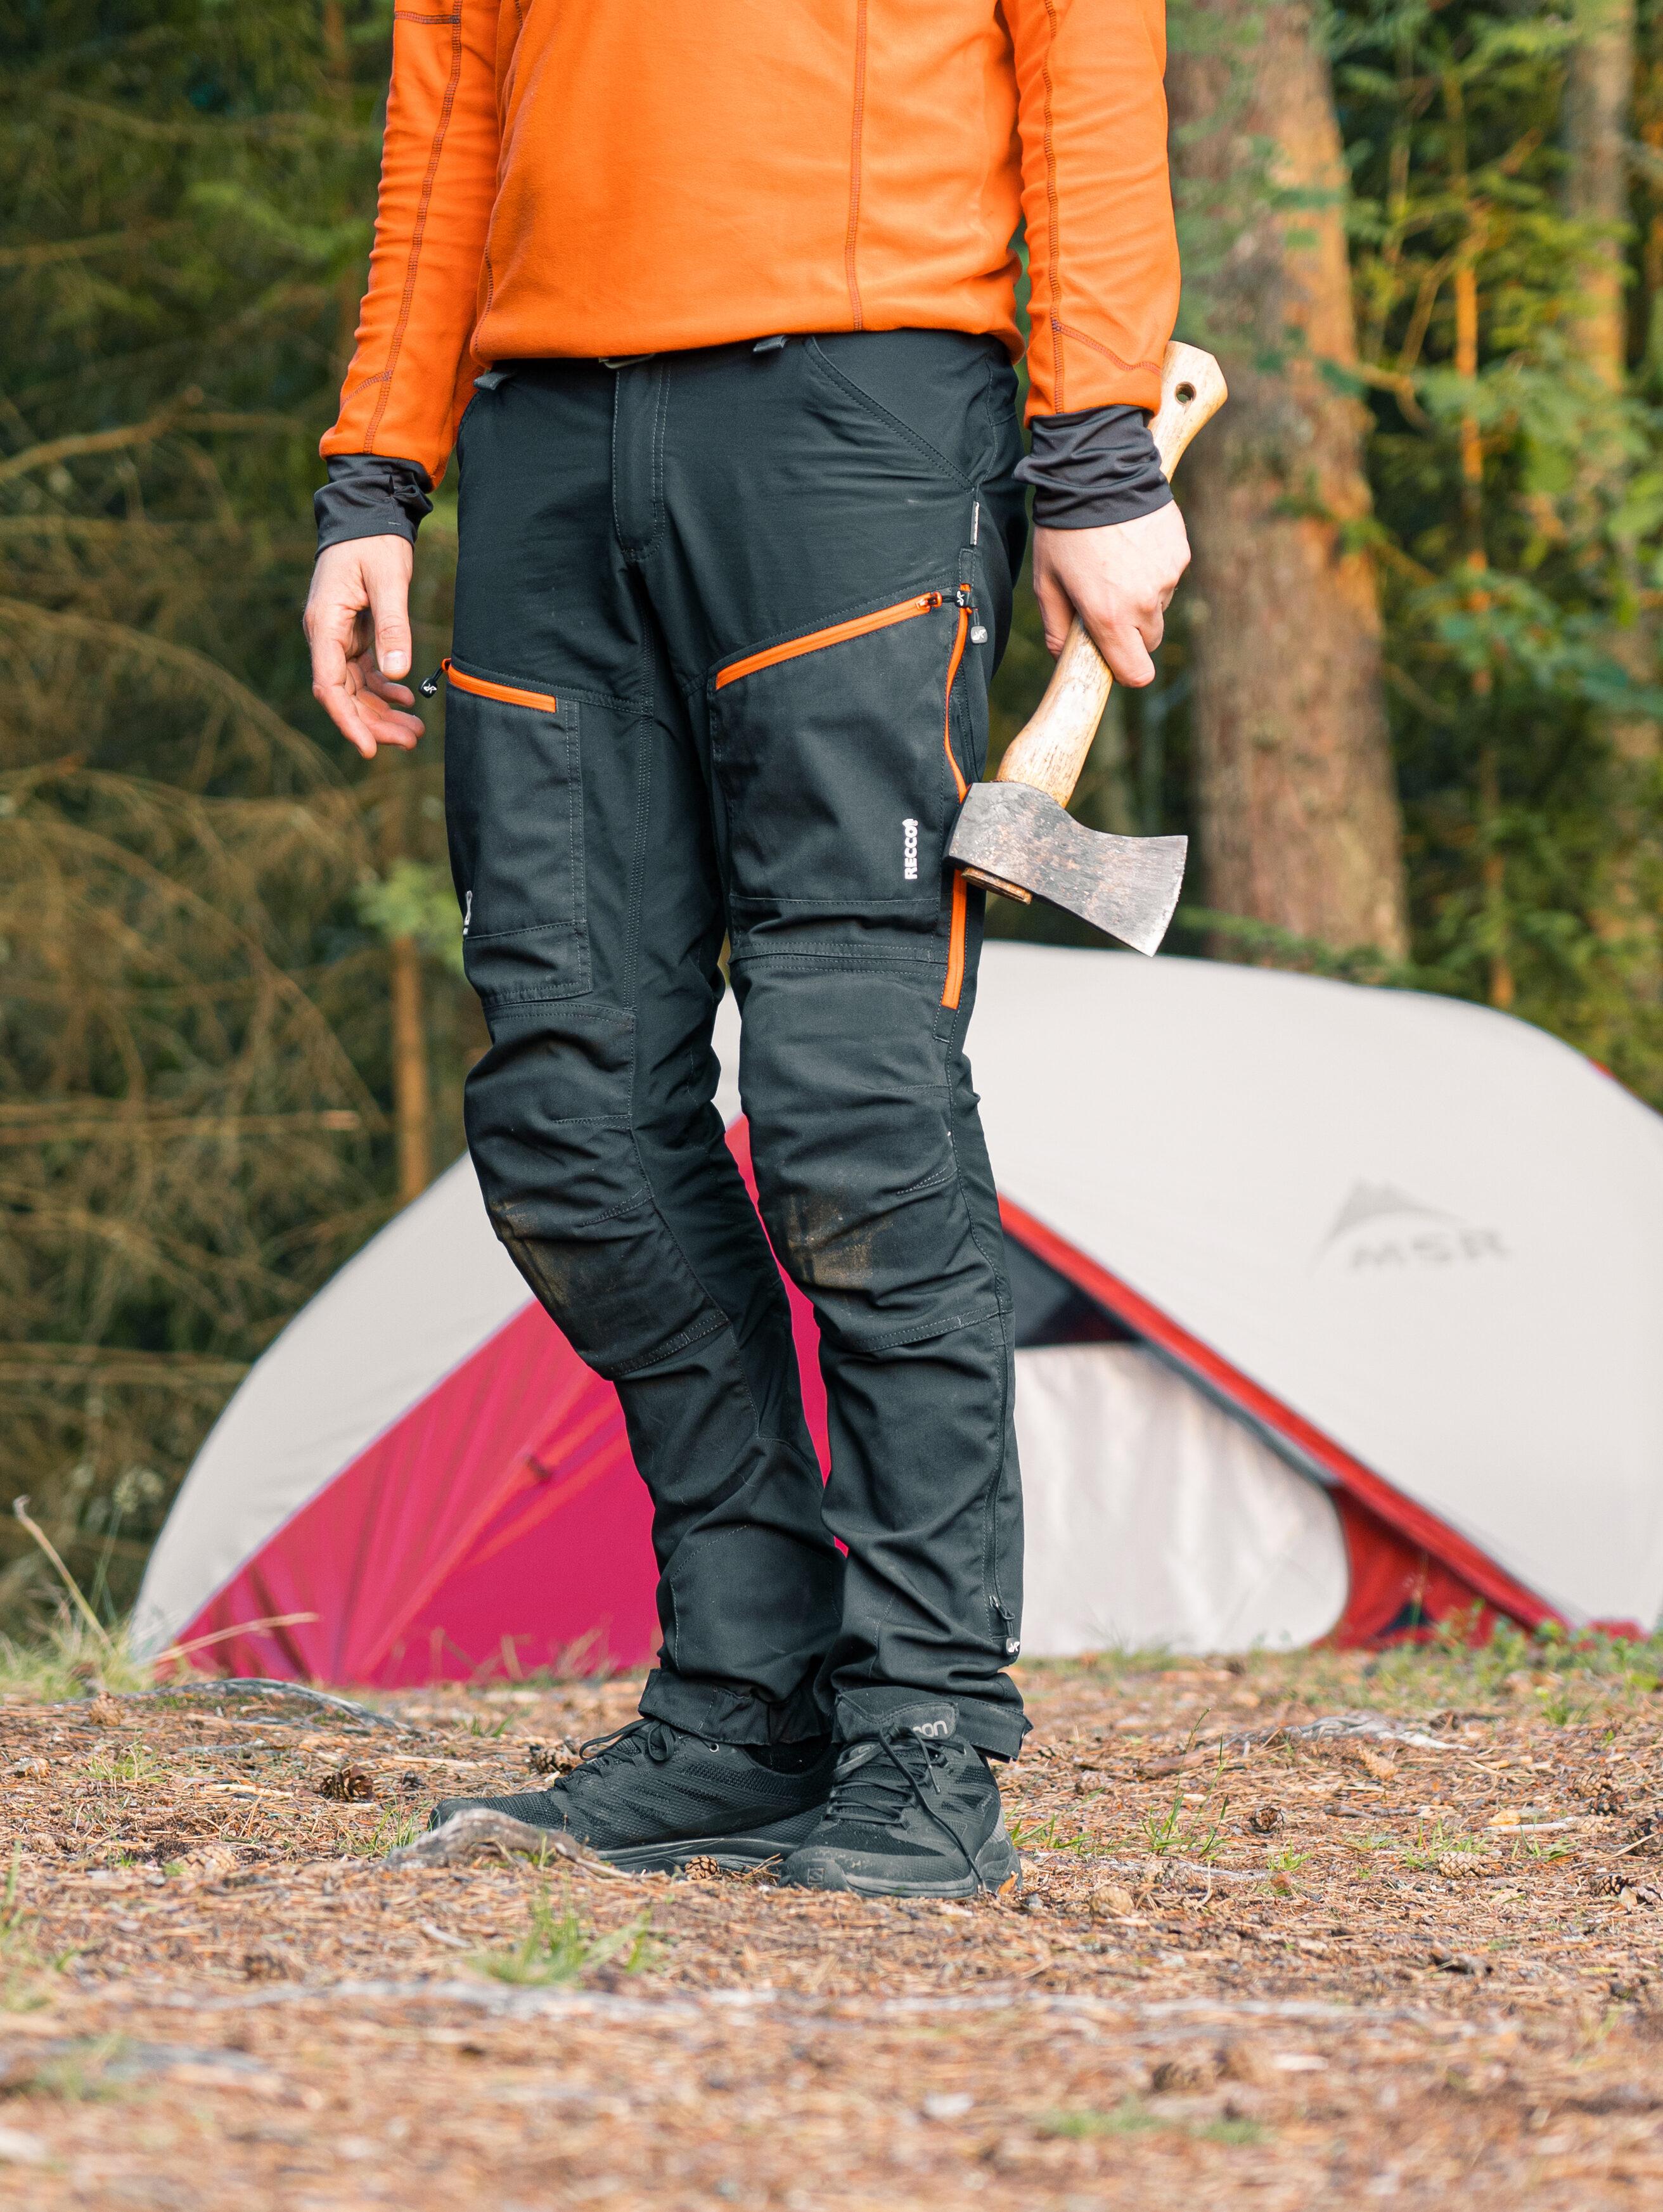 Klettern und Jagen Trekking Atmungsaktive und Strapazierf/ähige Outdoorhose zum Wandern RevolutionRace GPX Pro Pants Herren Wasserabweisende Camping